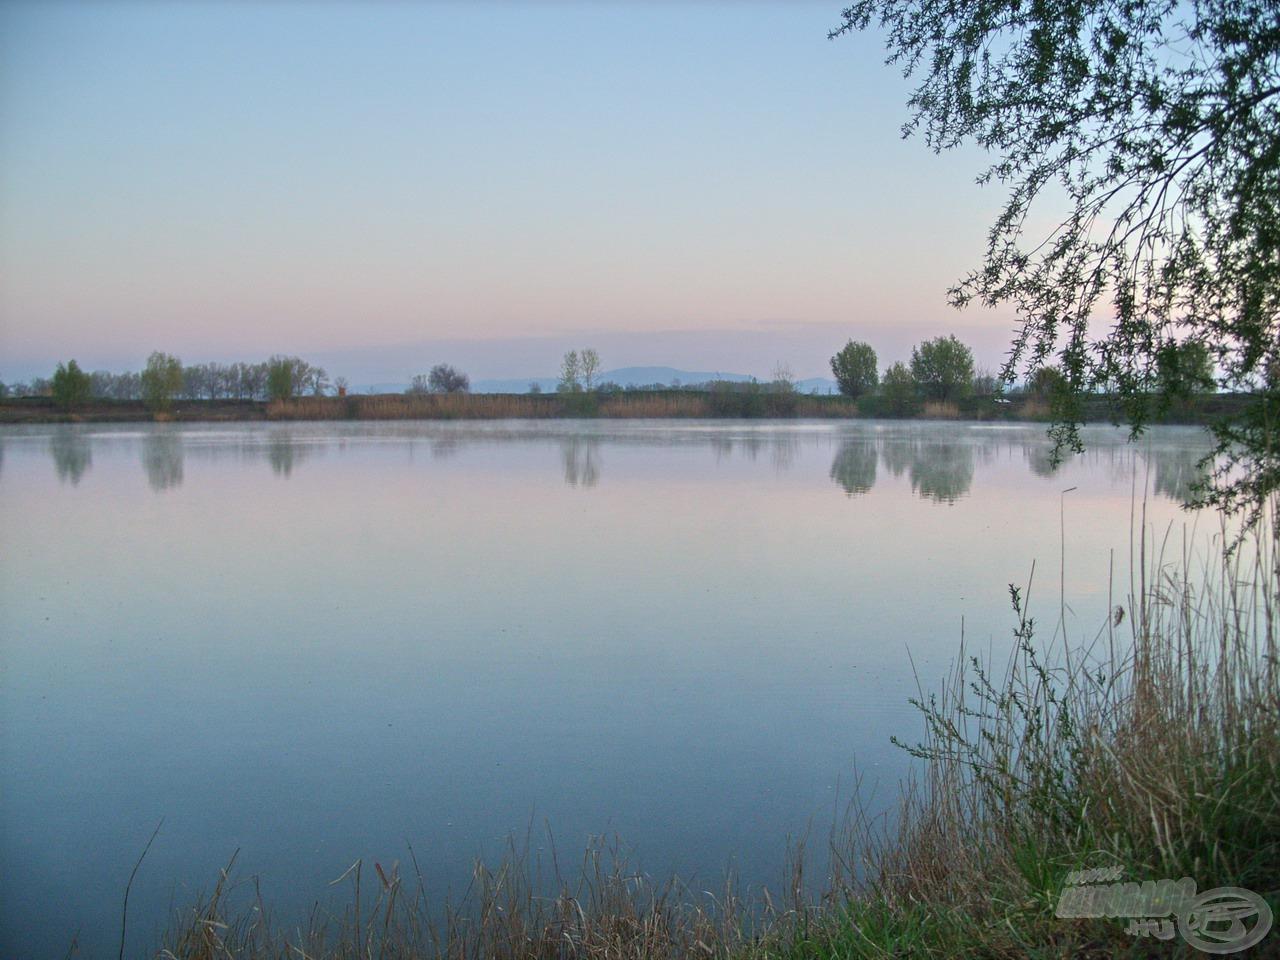 Ahogy a tó felszínéről felszállni látszott a sűrű ködfátyol, gyönyörű hajnali képet festett elém a Mátrával a távolban